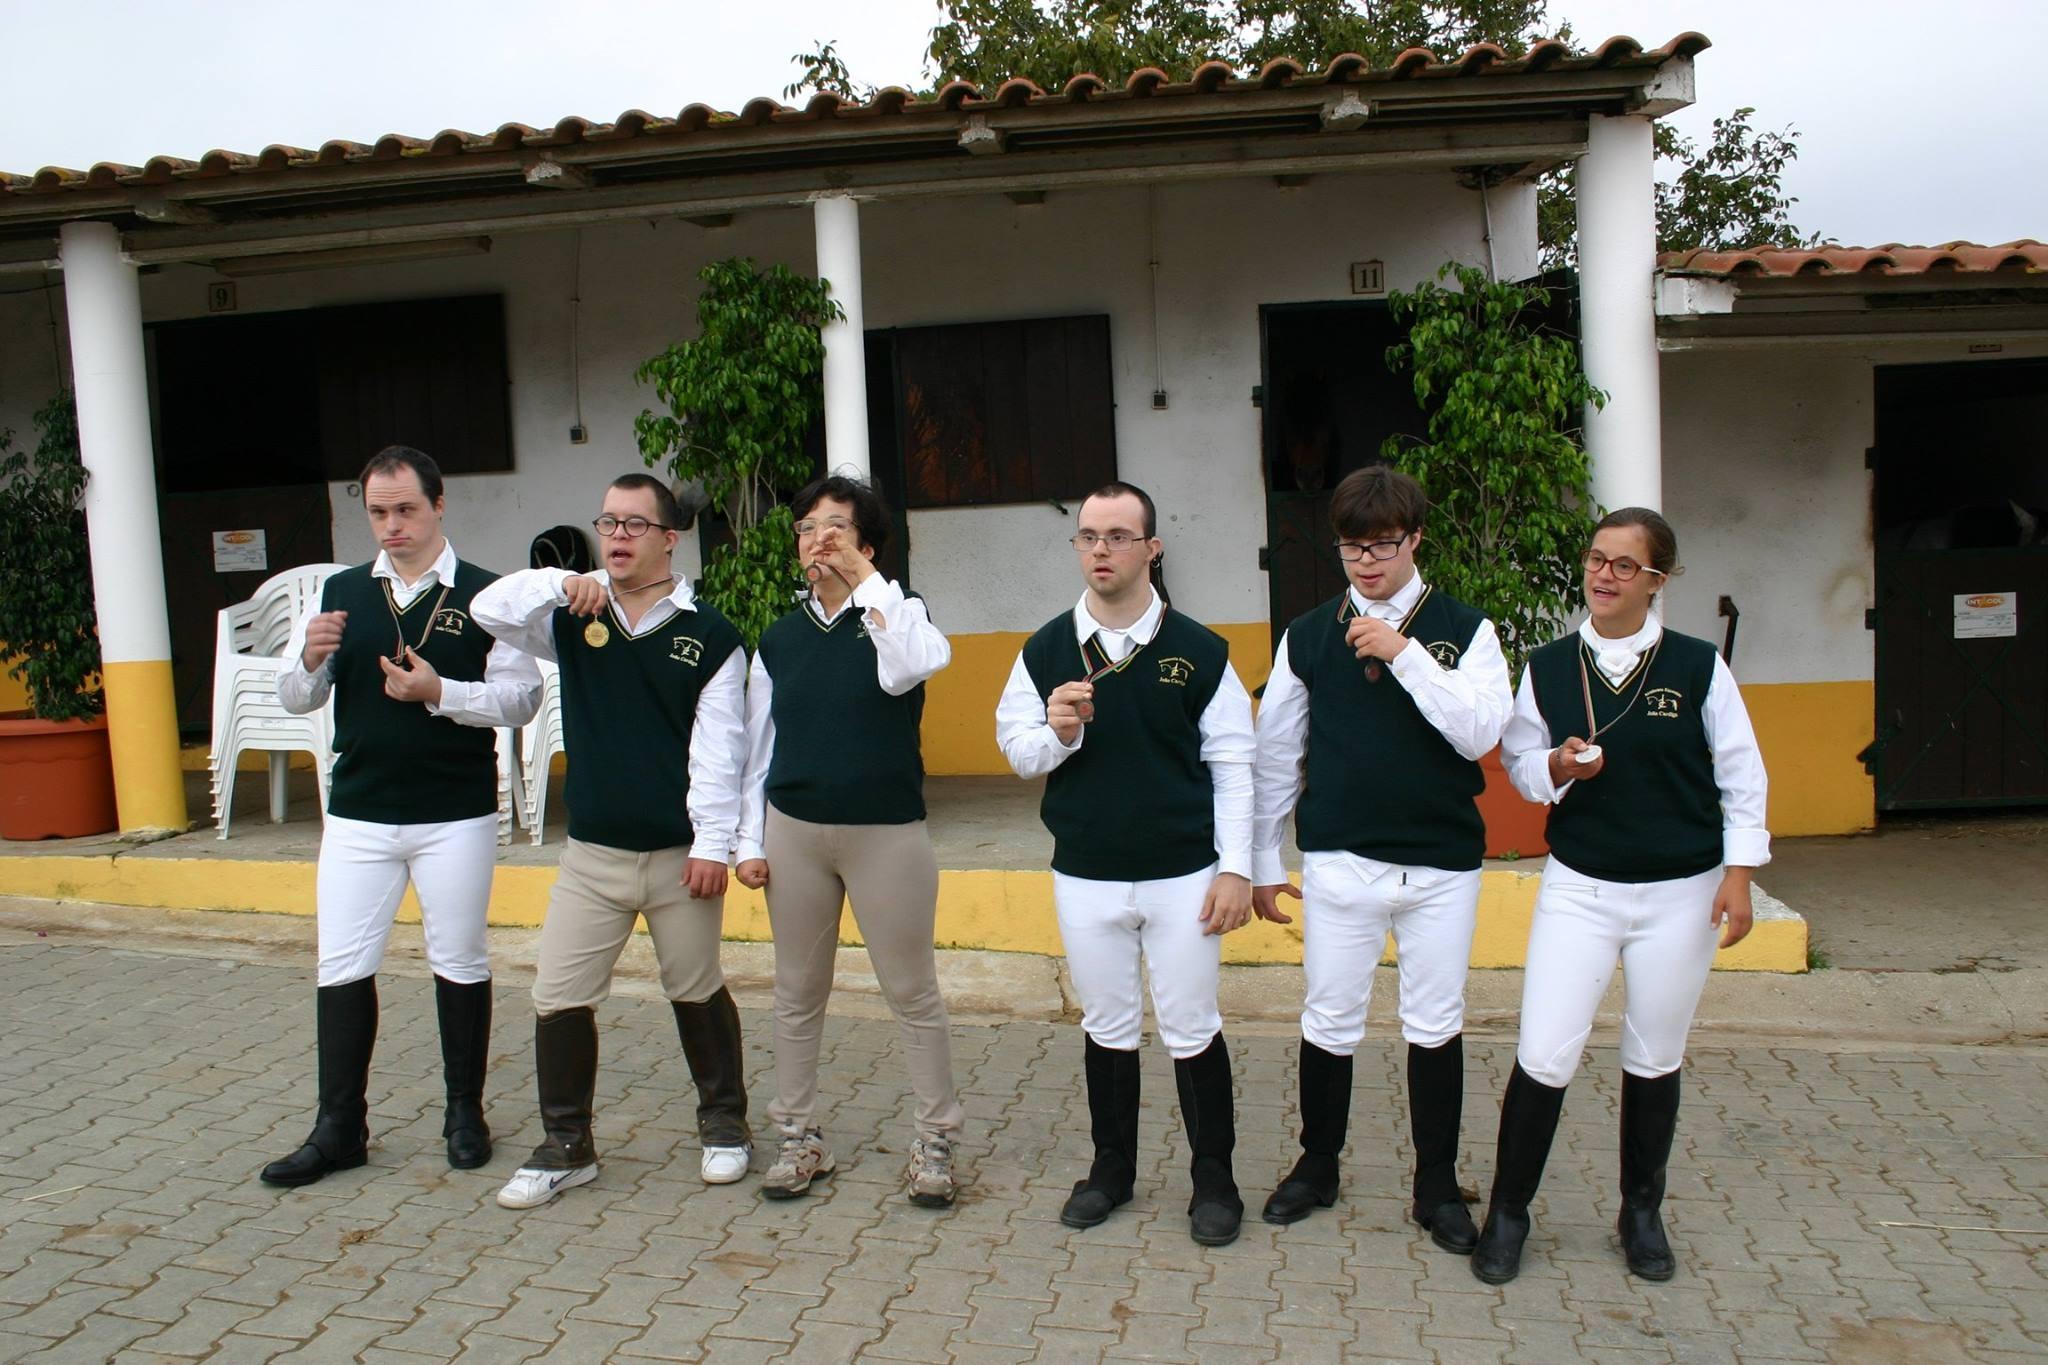 8ª Prova de Equitação do Special Olympics